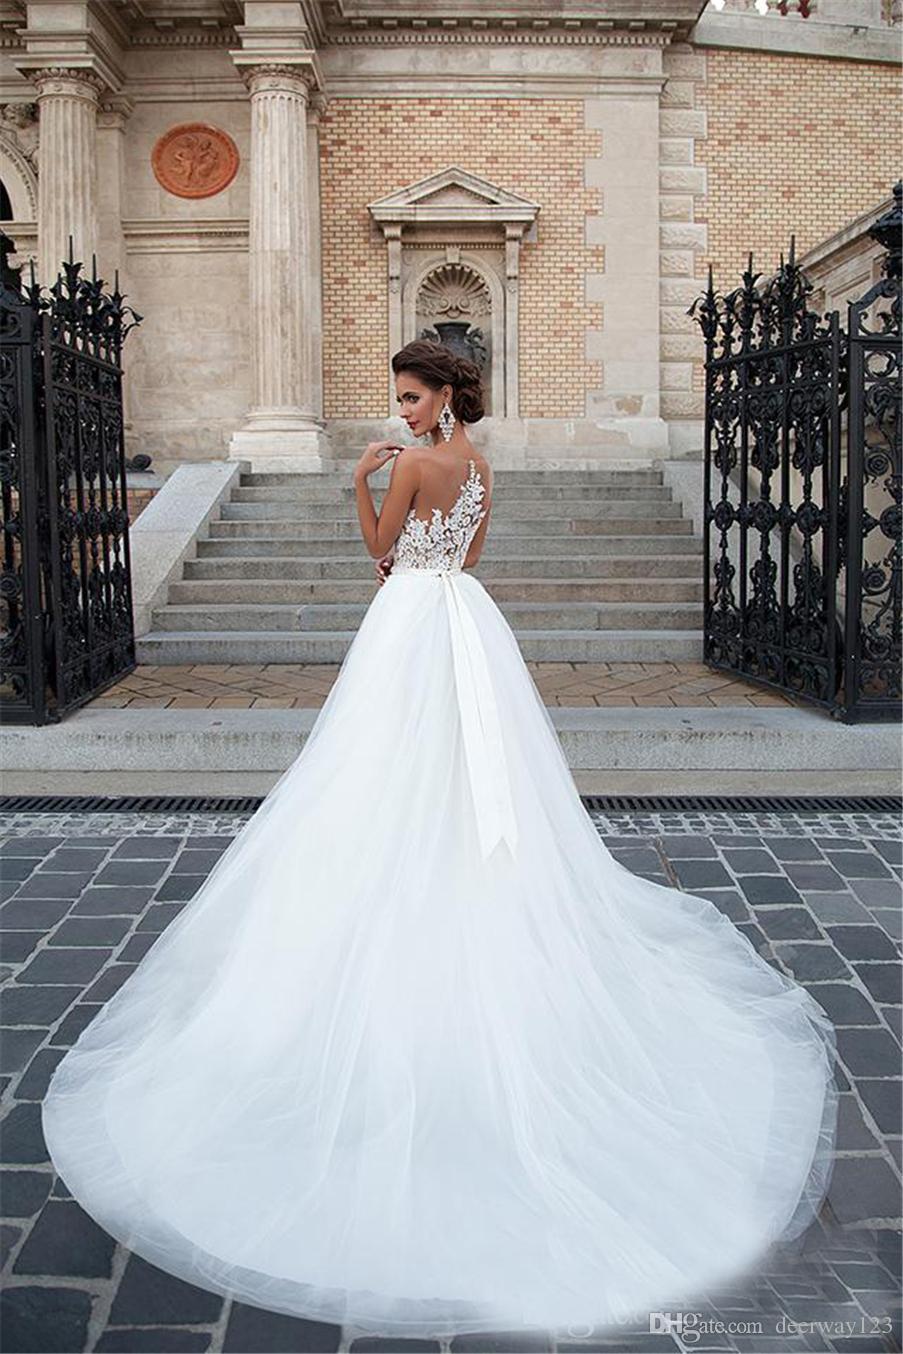 خط الرباط خمر مطرز فستان الزفاف أثواب الزفاف الجديد الرقبة فساتين الزفاف أكمام مثير سكوب